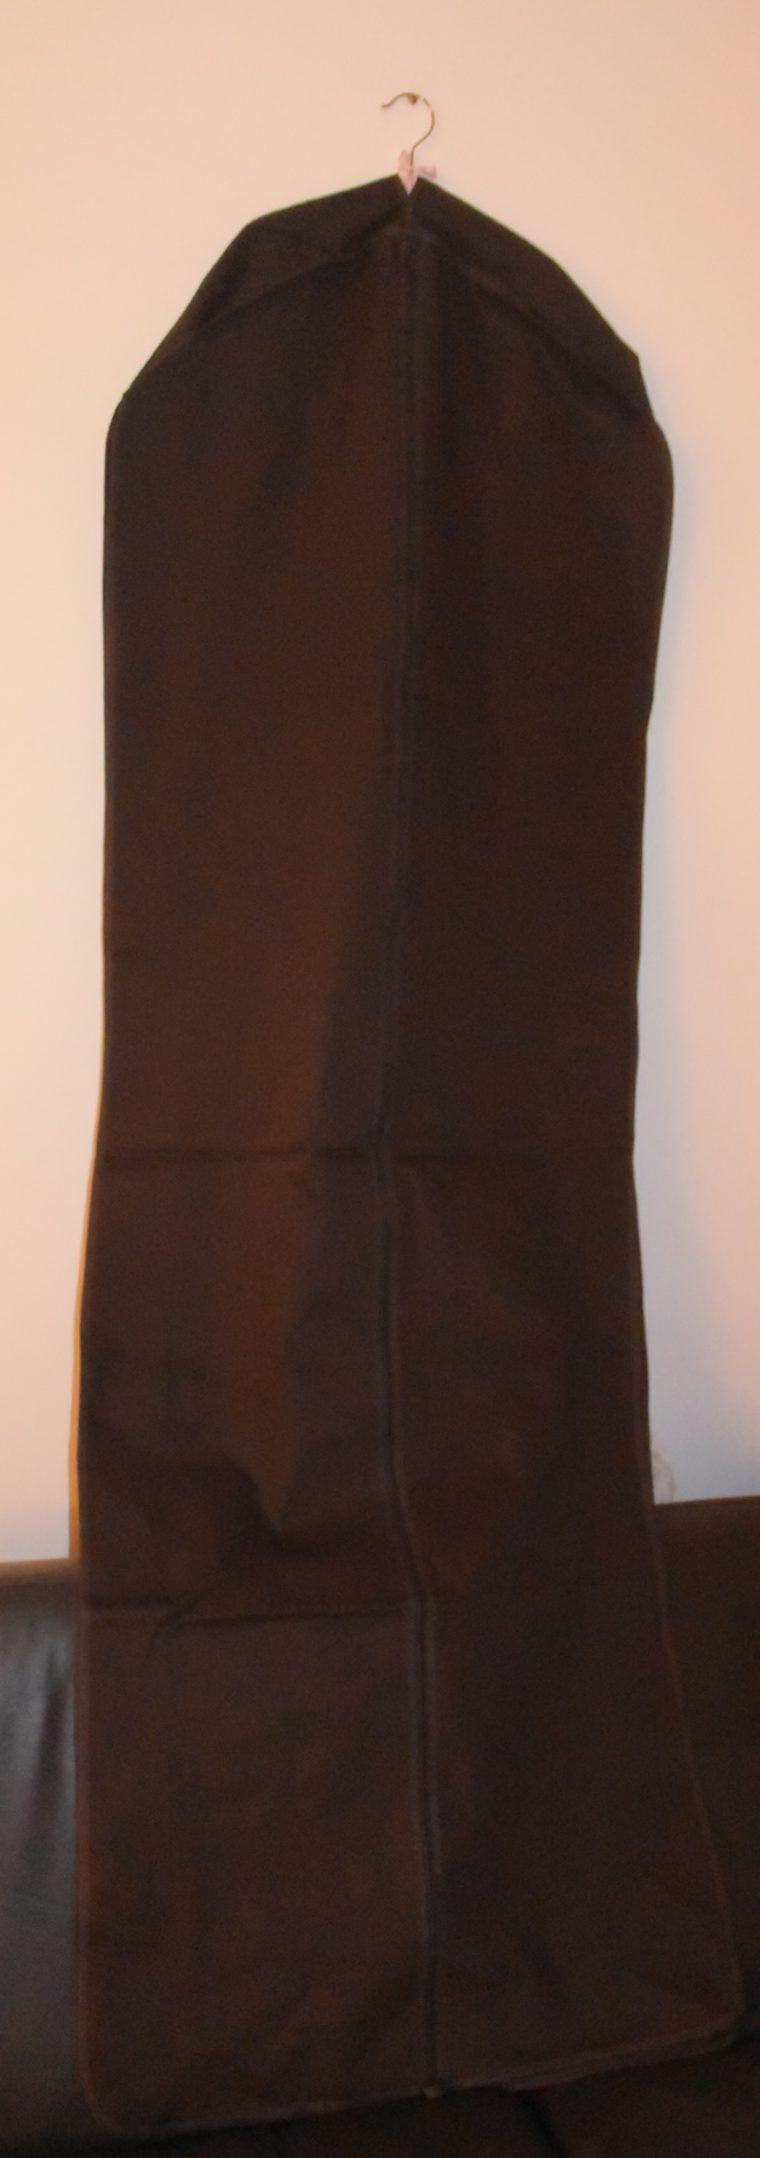 Louis Vuitton Kleidersack braun Stoff lang-9930